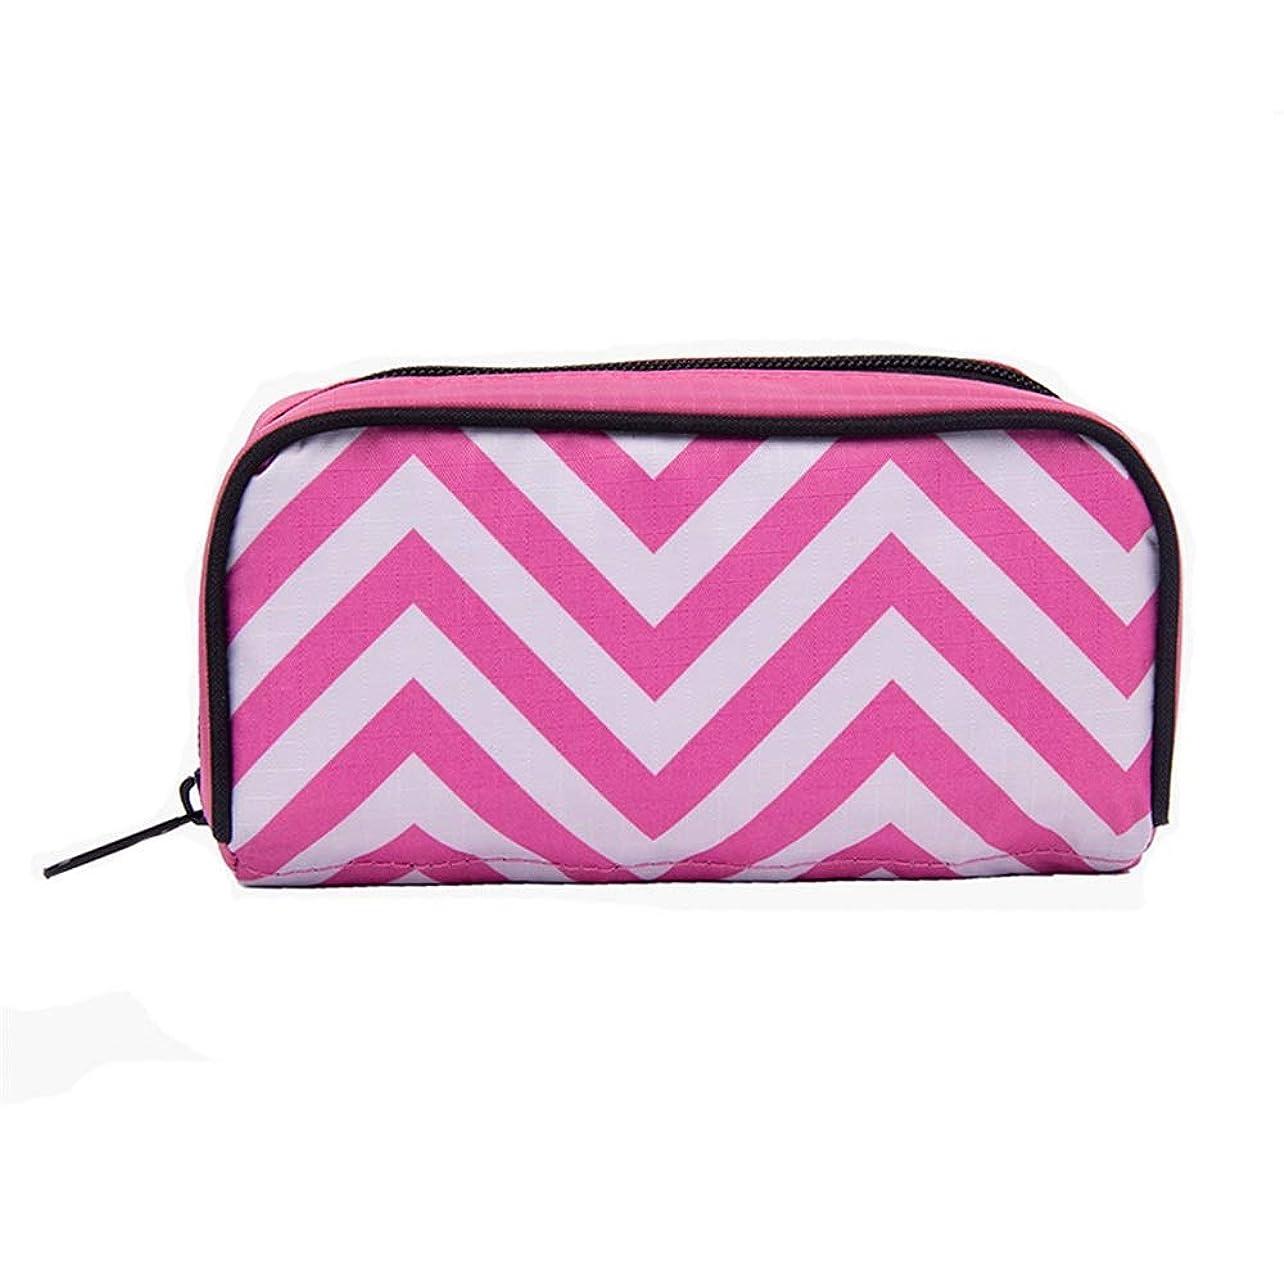 刈る風味雲エッセンシャルオイルストレージボックス ローラーボトル用ケースプレミアム保護キャリングエッセンシャルオイルは、旅行ピンクの場合は最大10本のボトルパーフェクトを保護します 旅行およびプレゼンテーション用 (色 : ピンク, サイズ : 17X8.5X6CM)